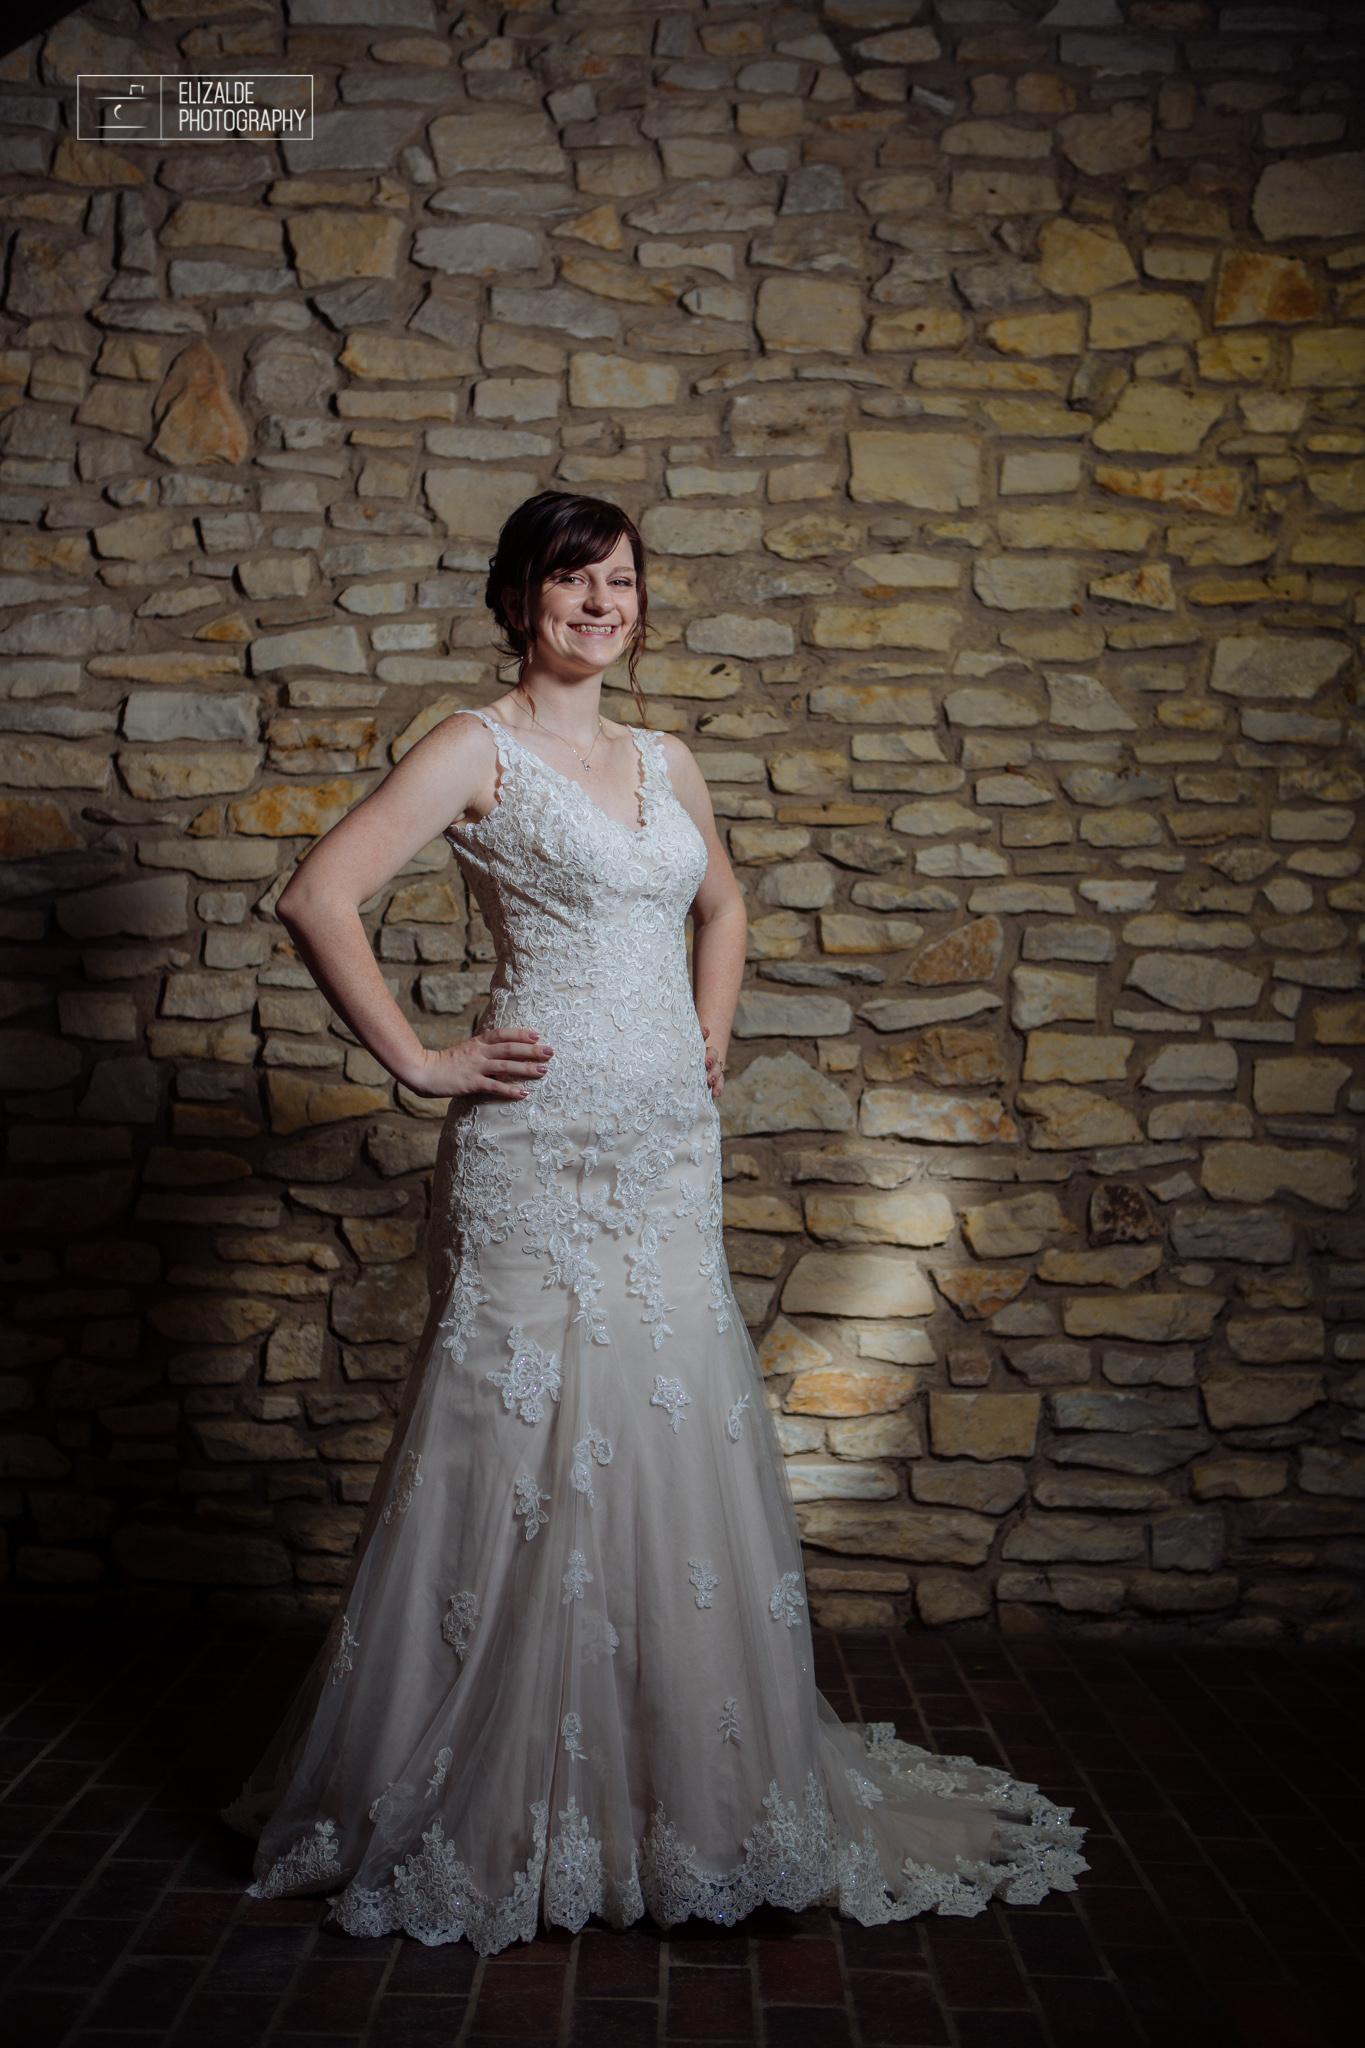 Kelly_Bridals_Omni_DFW_wedding_blog-4.jpg